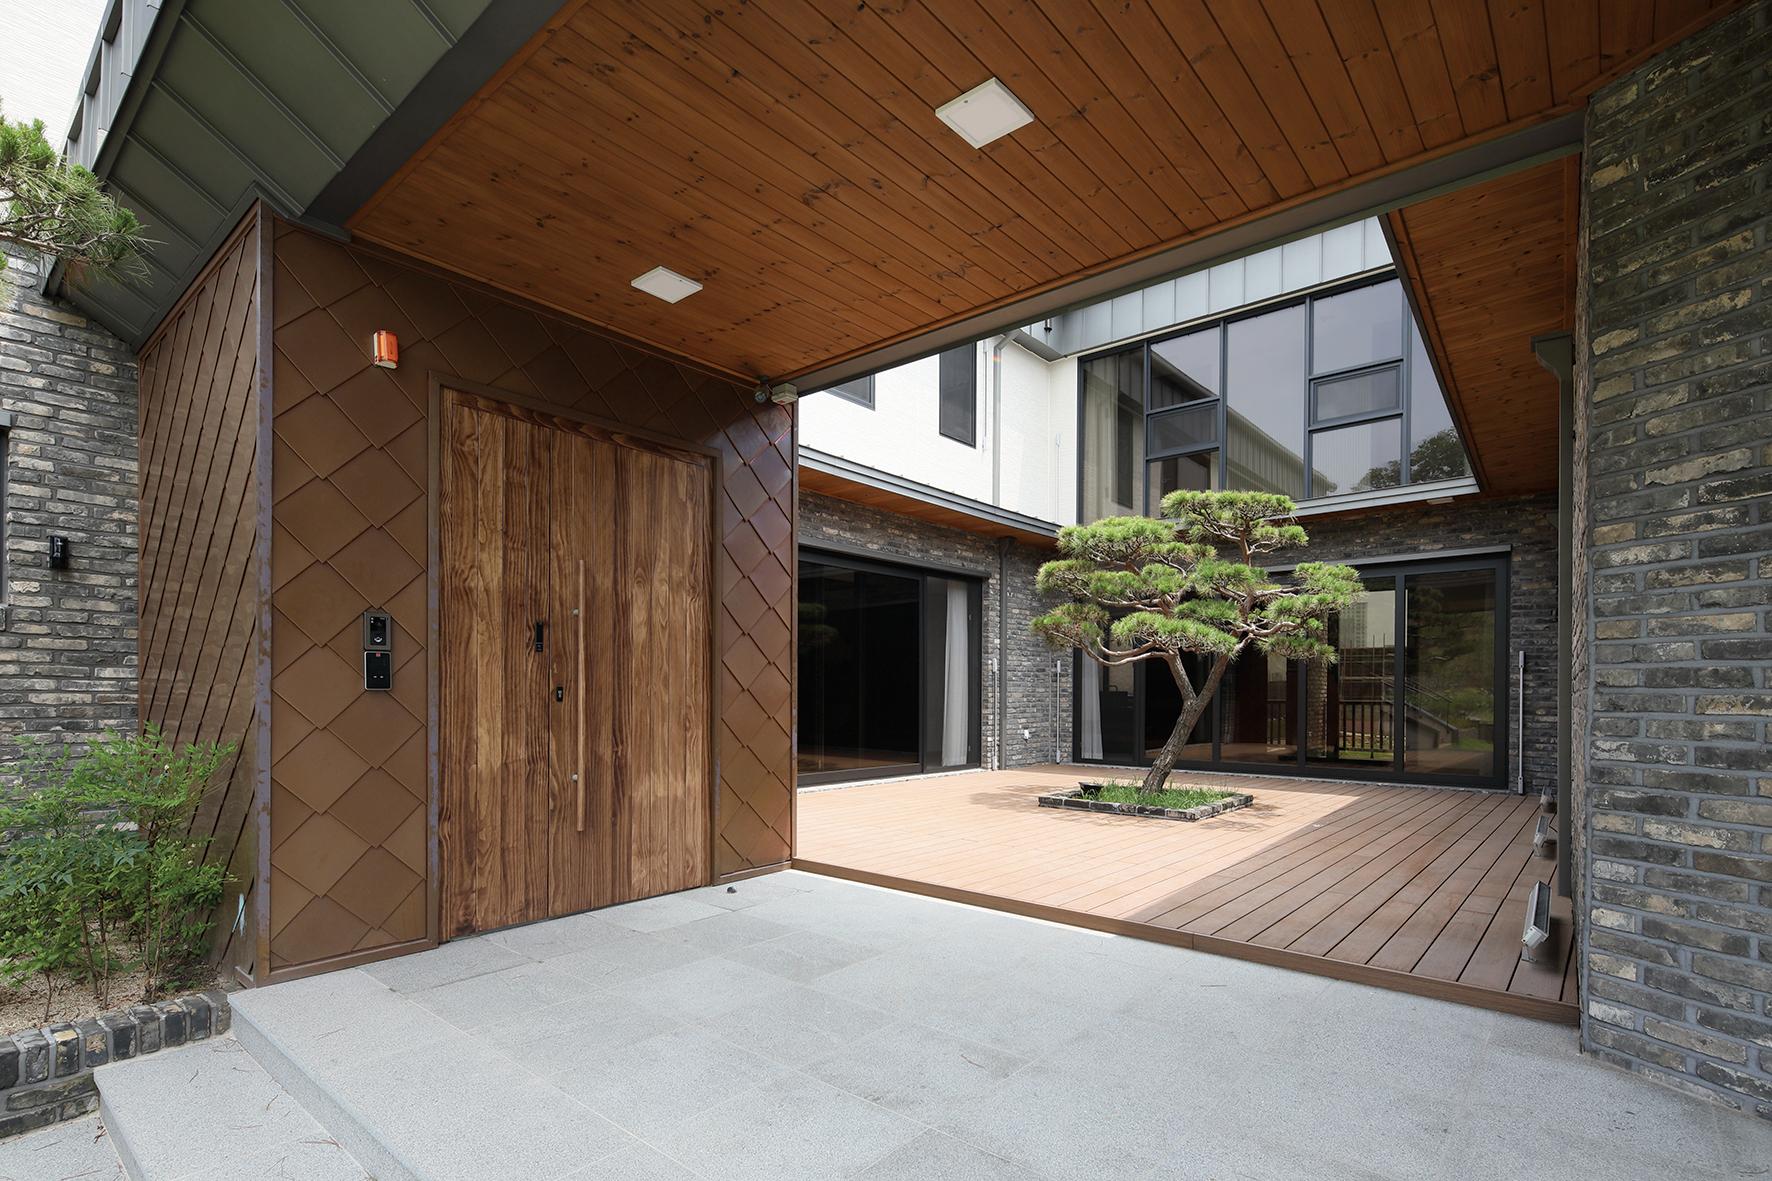 세종시에 지어진 단독주택 '삼마당집' 외부 모습